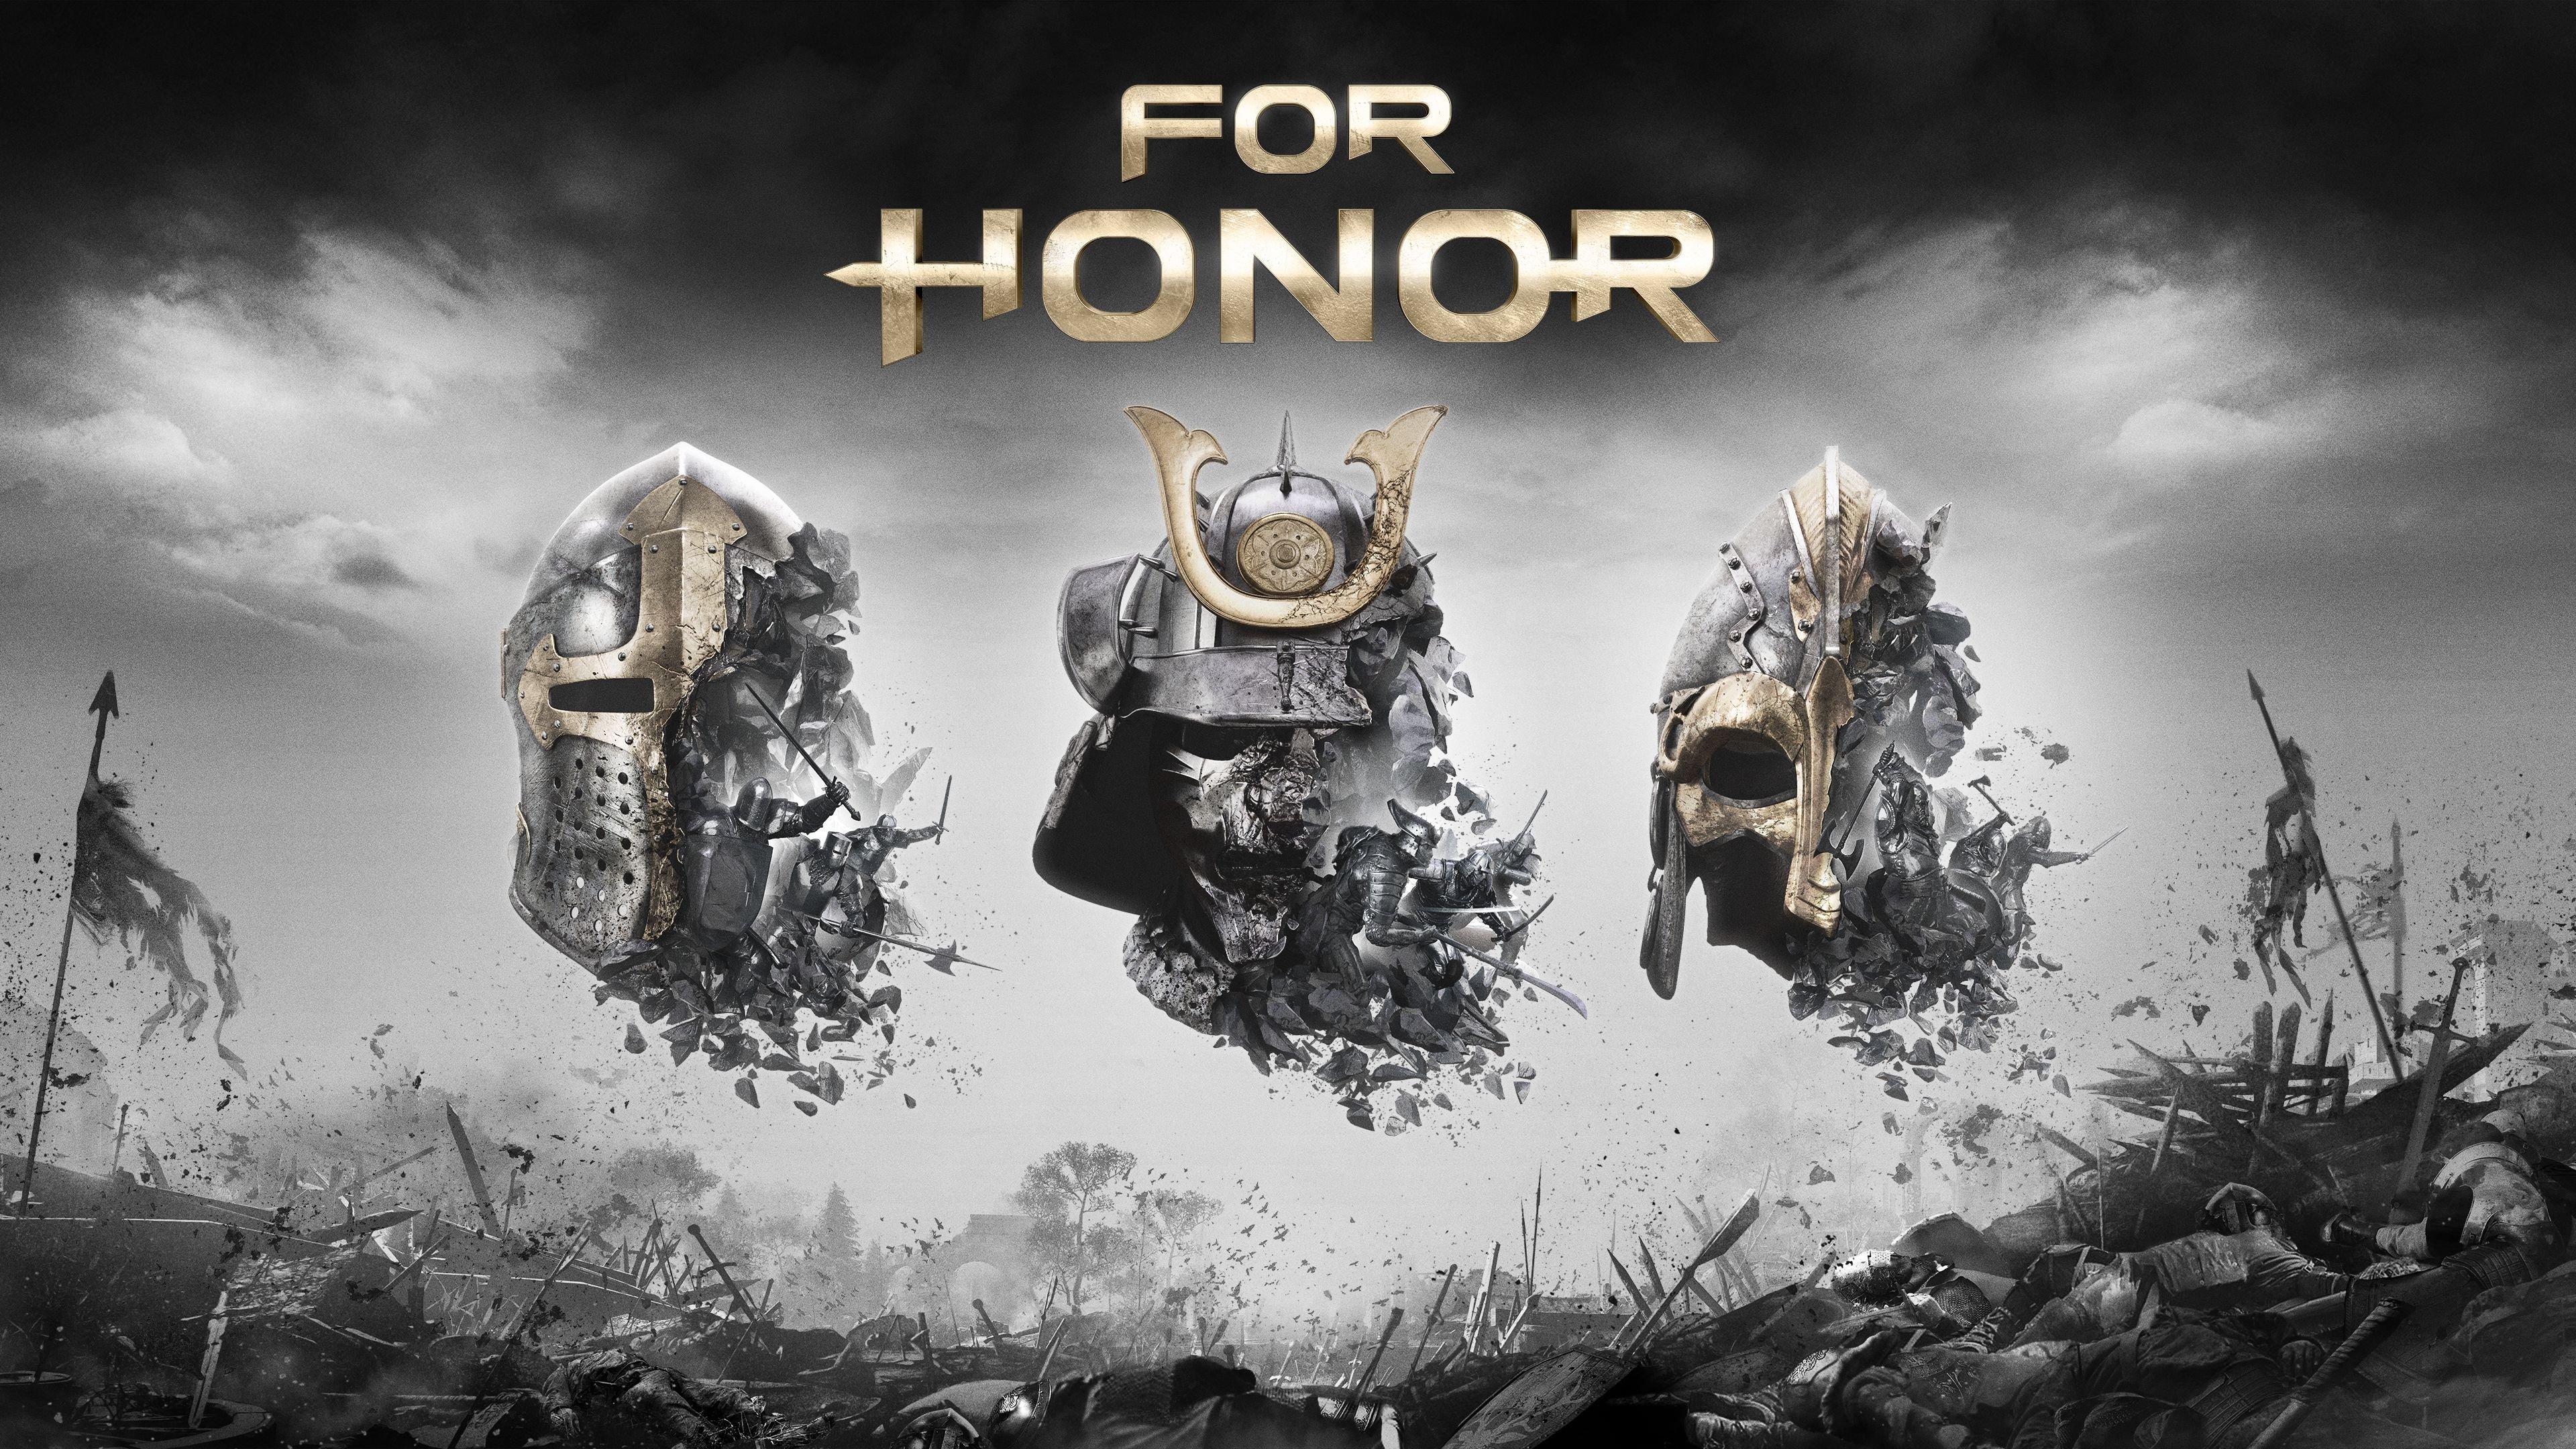 For Honor очередной провал Ubisoft?  - Изображение 1